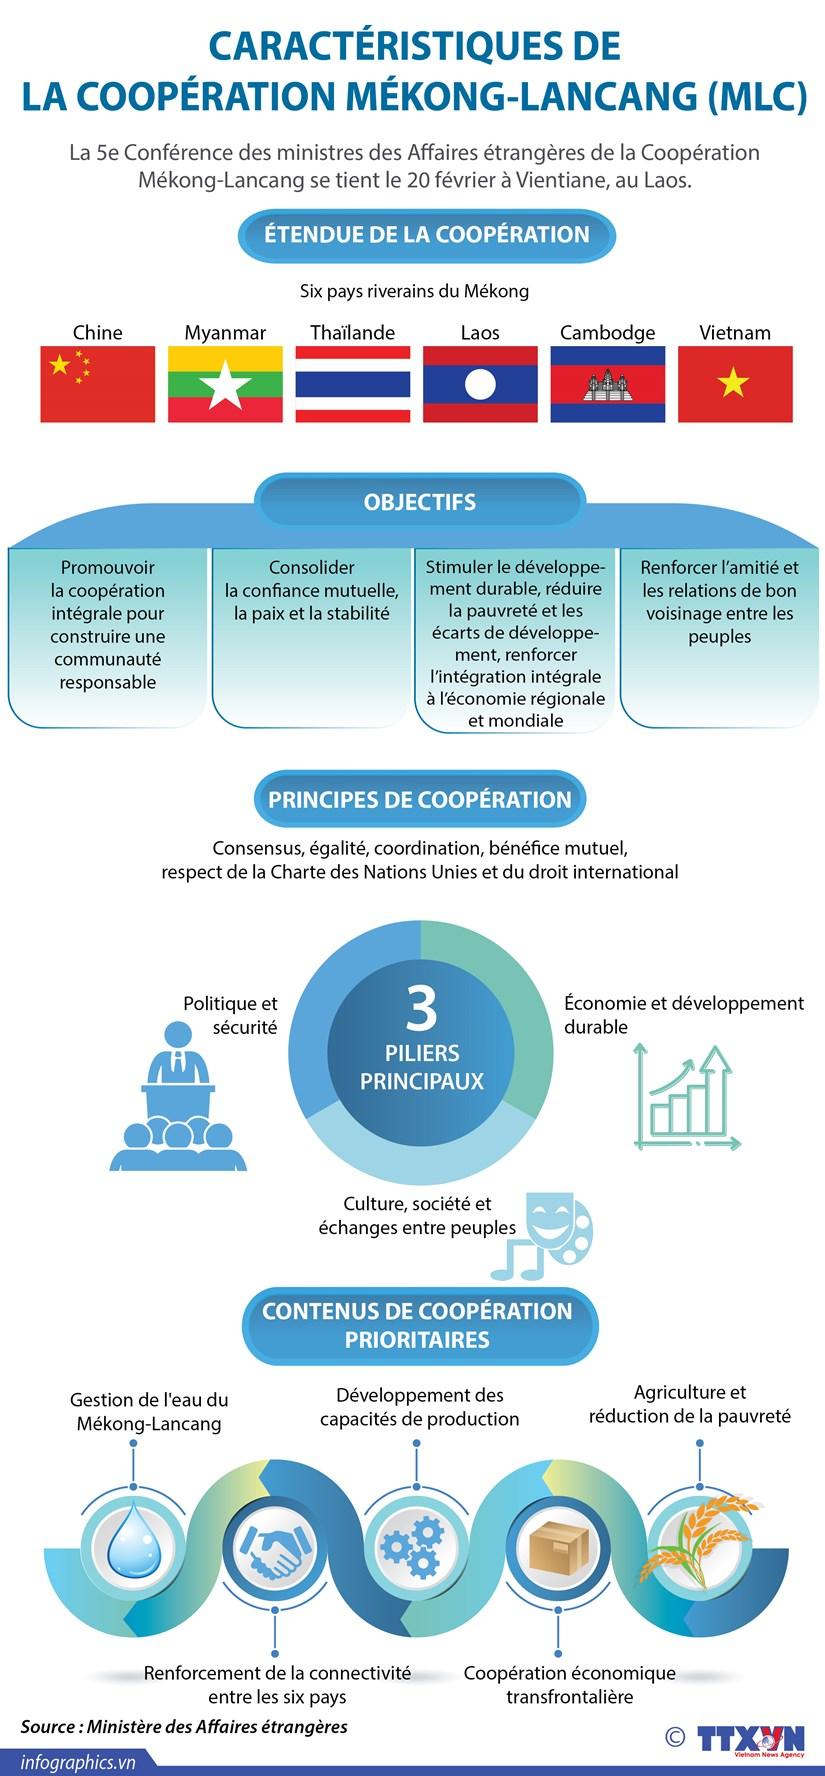 Caracteristiques de la Cooperation Mekong-Lancang hinh anh 1